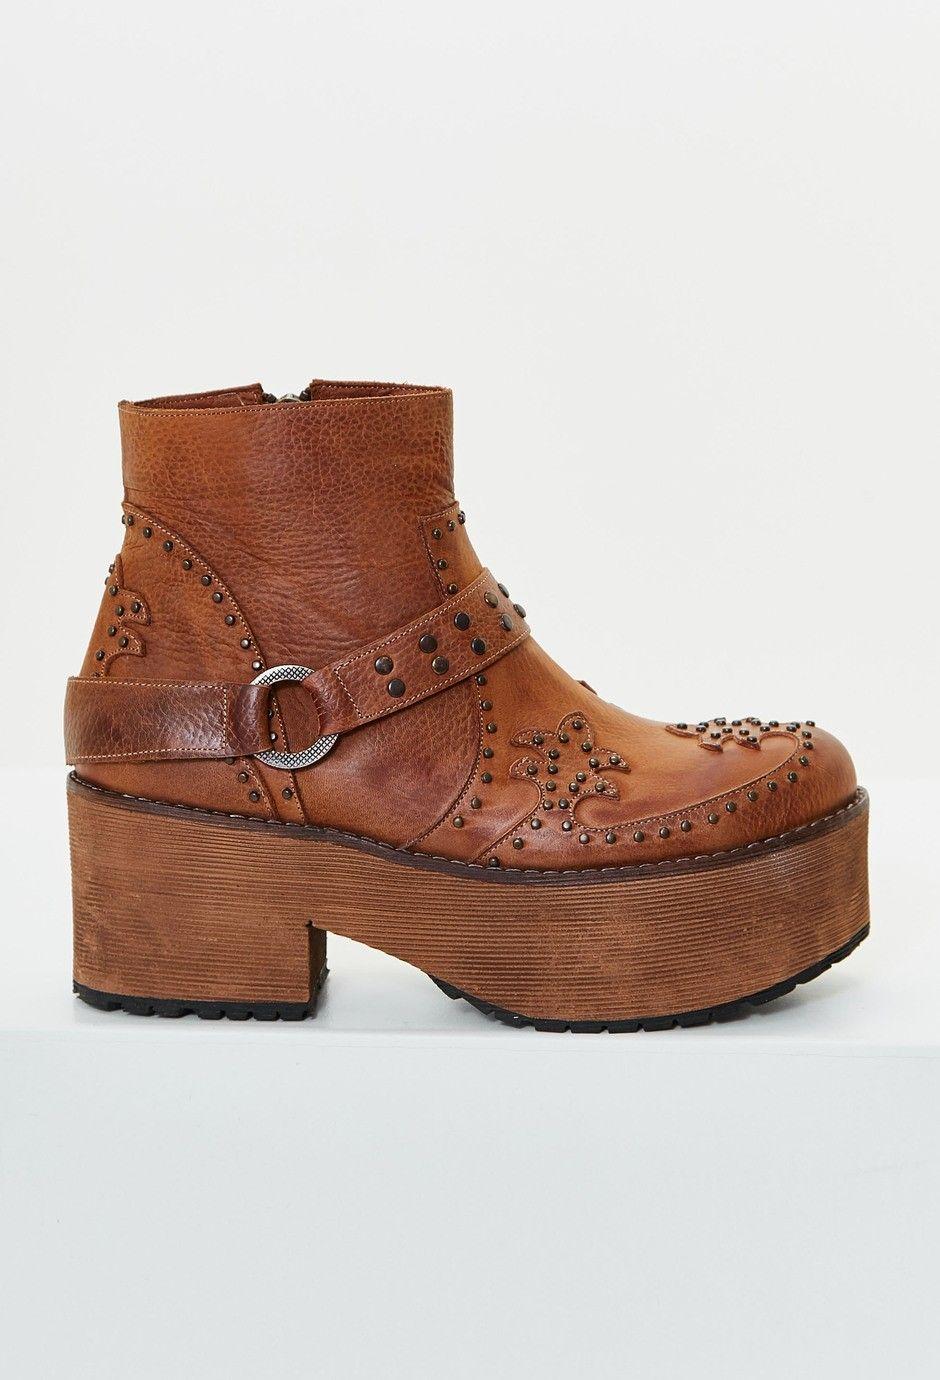 Clara Barcelo Zapatos Pin Uno Pin Dos Pin Tres Suela Zapatos De Moda Botas Con Plataforma Zapatos